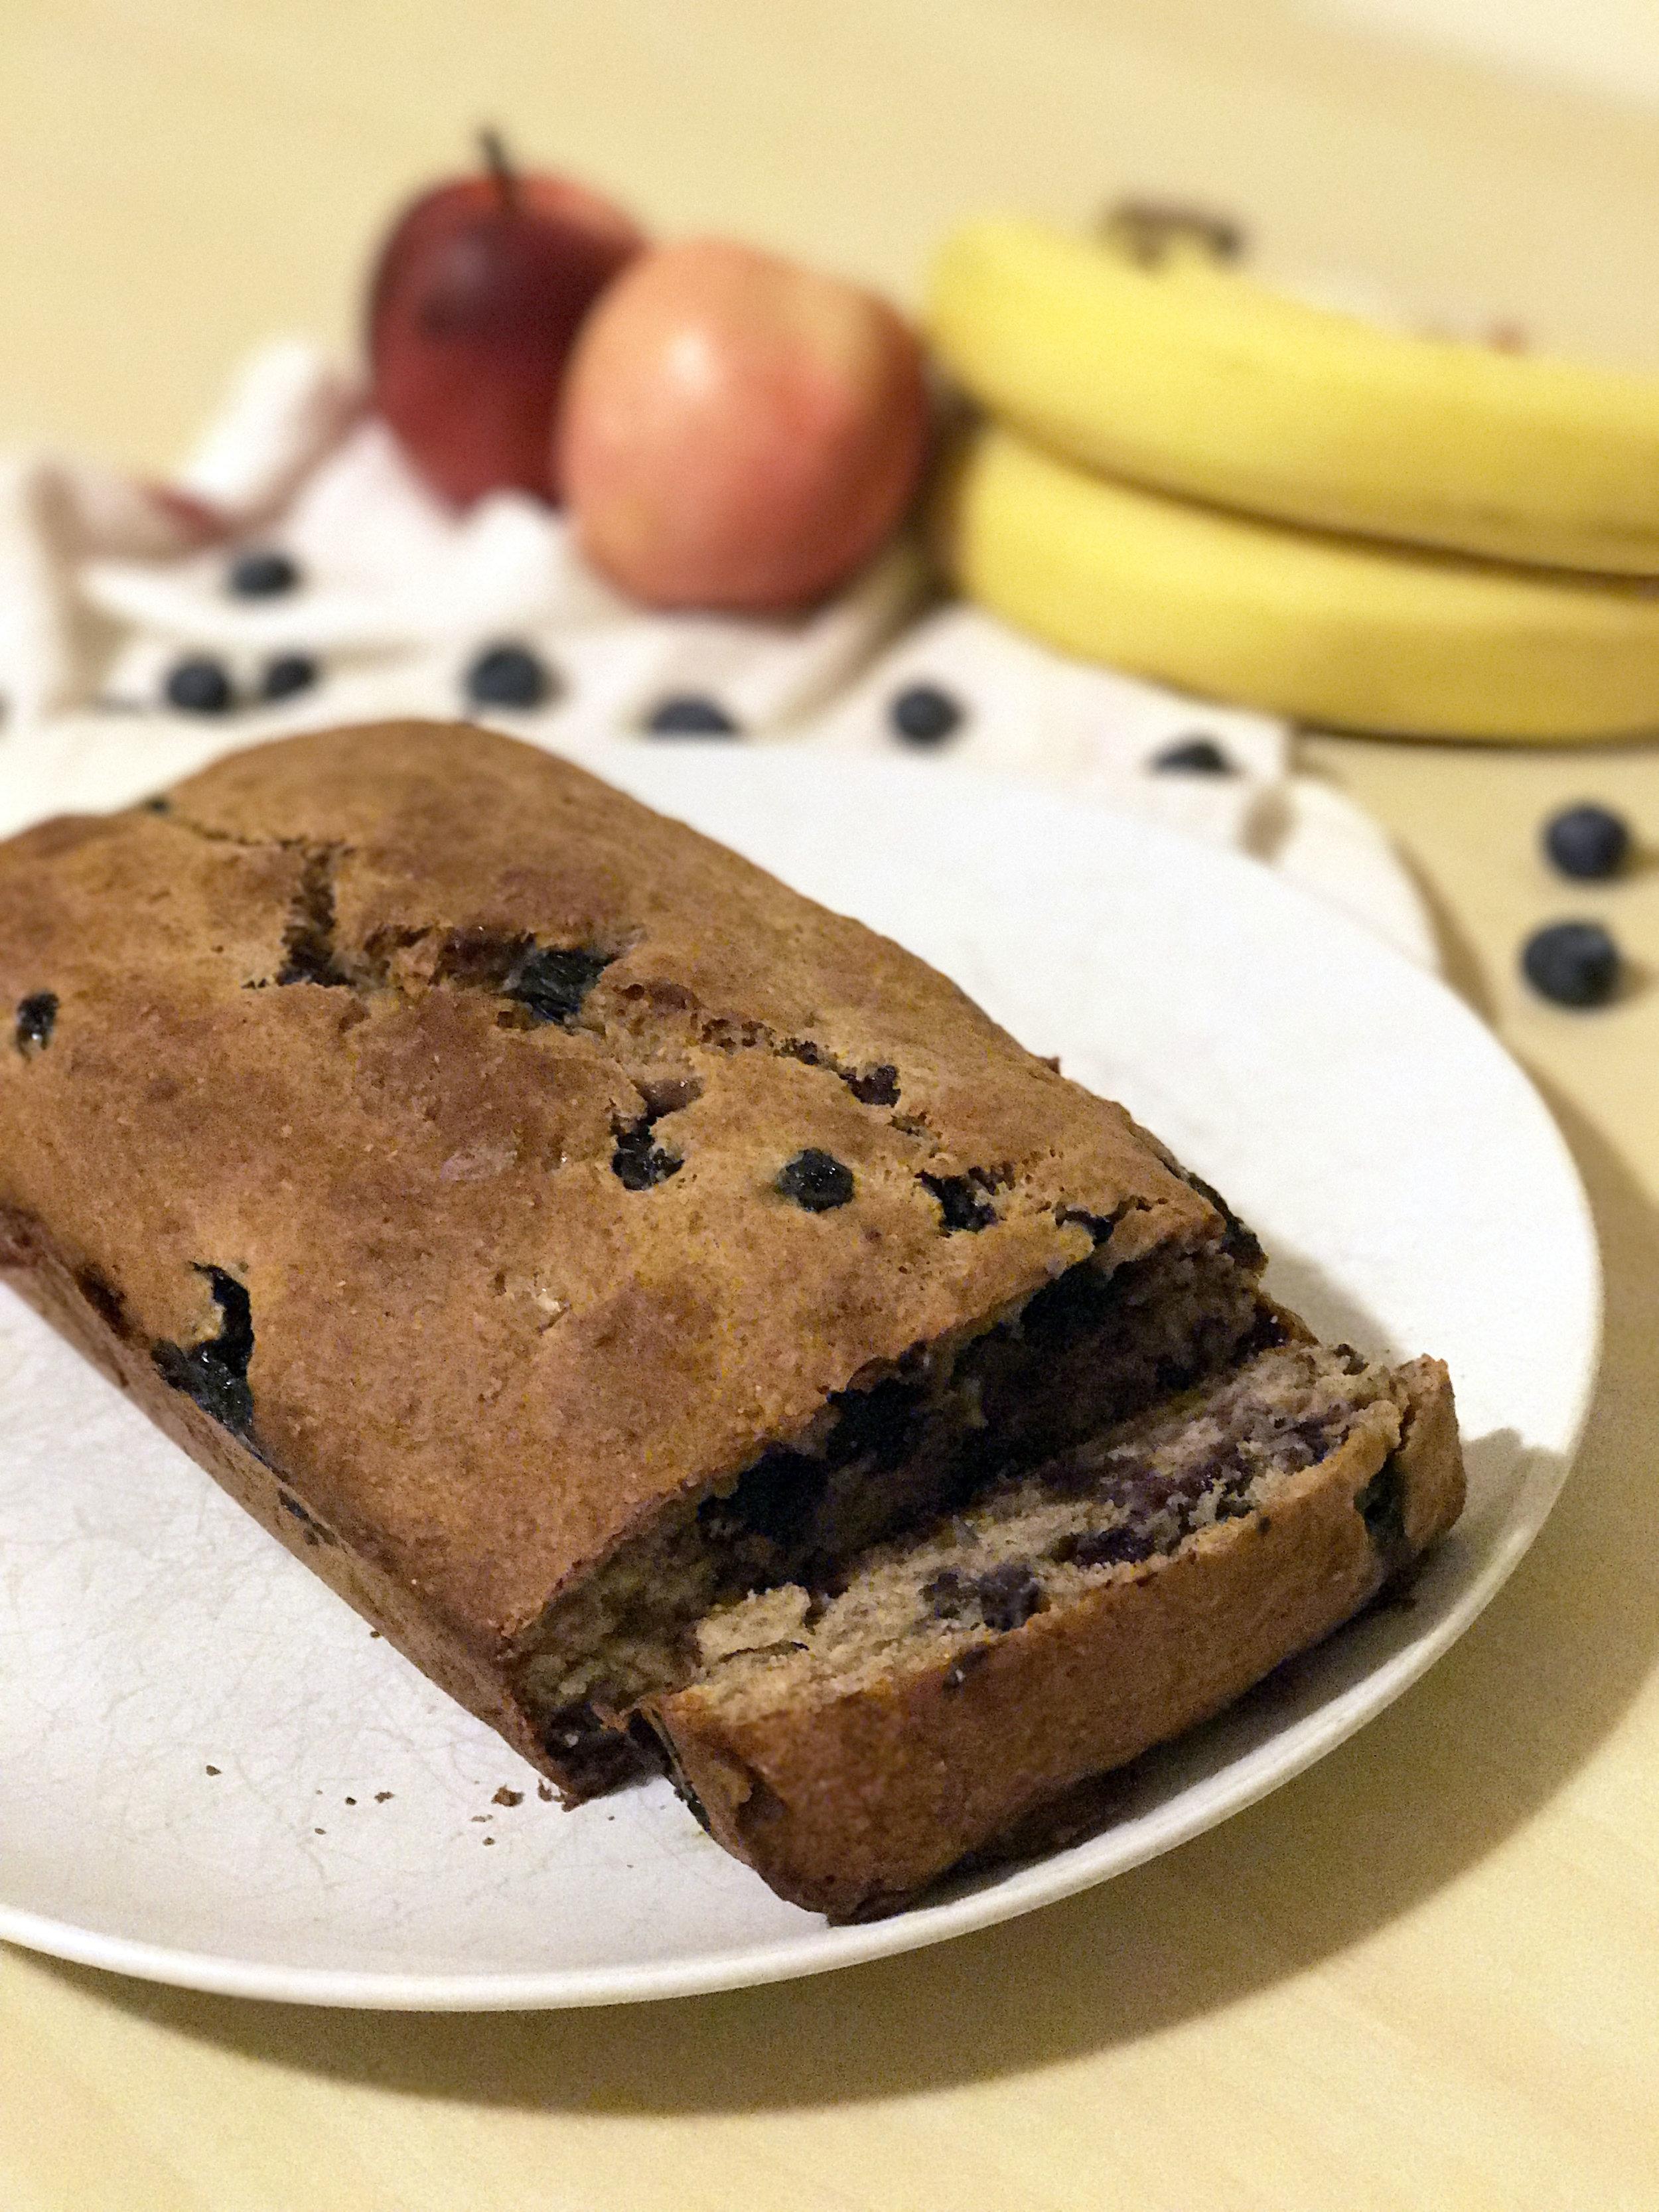 homemade banana blueberry bread recipe